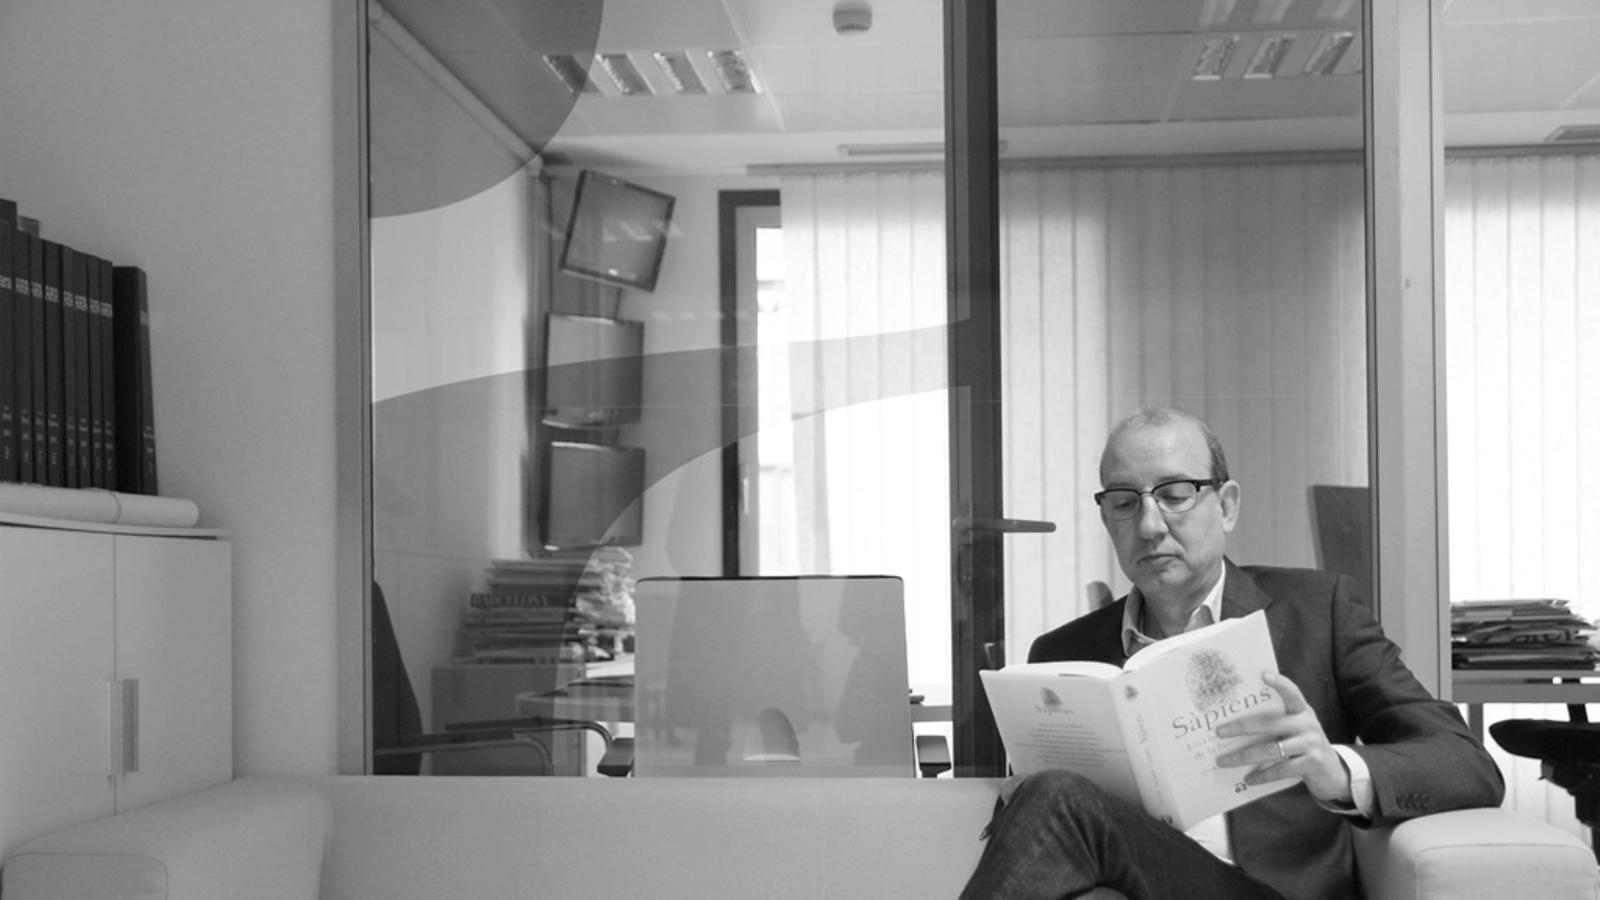 L'editorial d'Antoni Bassas: 'La fraternitat, el valor imprescindible' (02/04/2015)